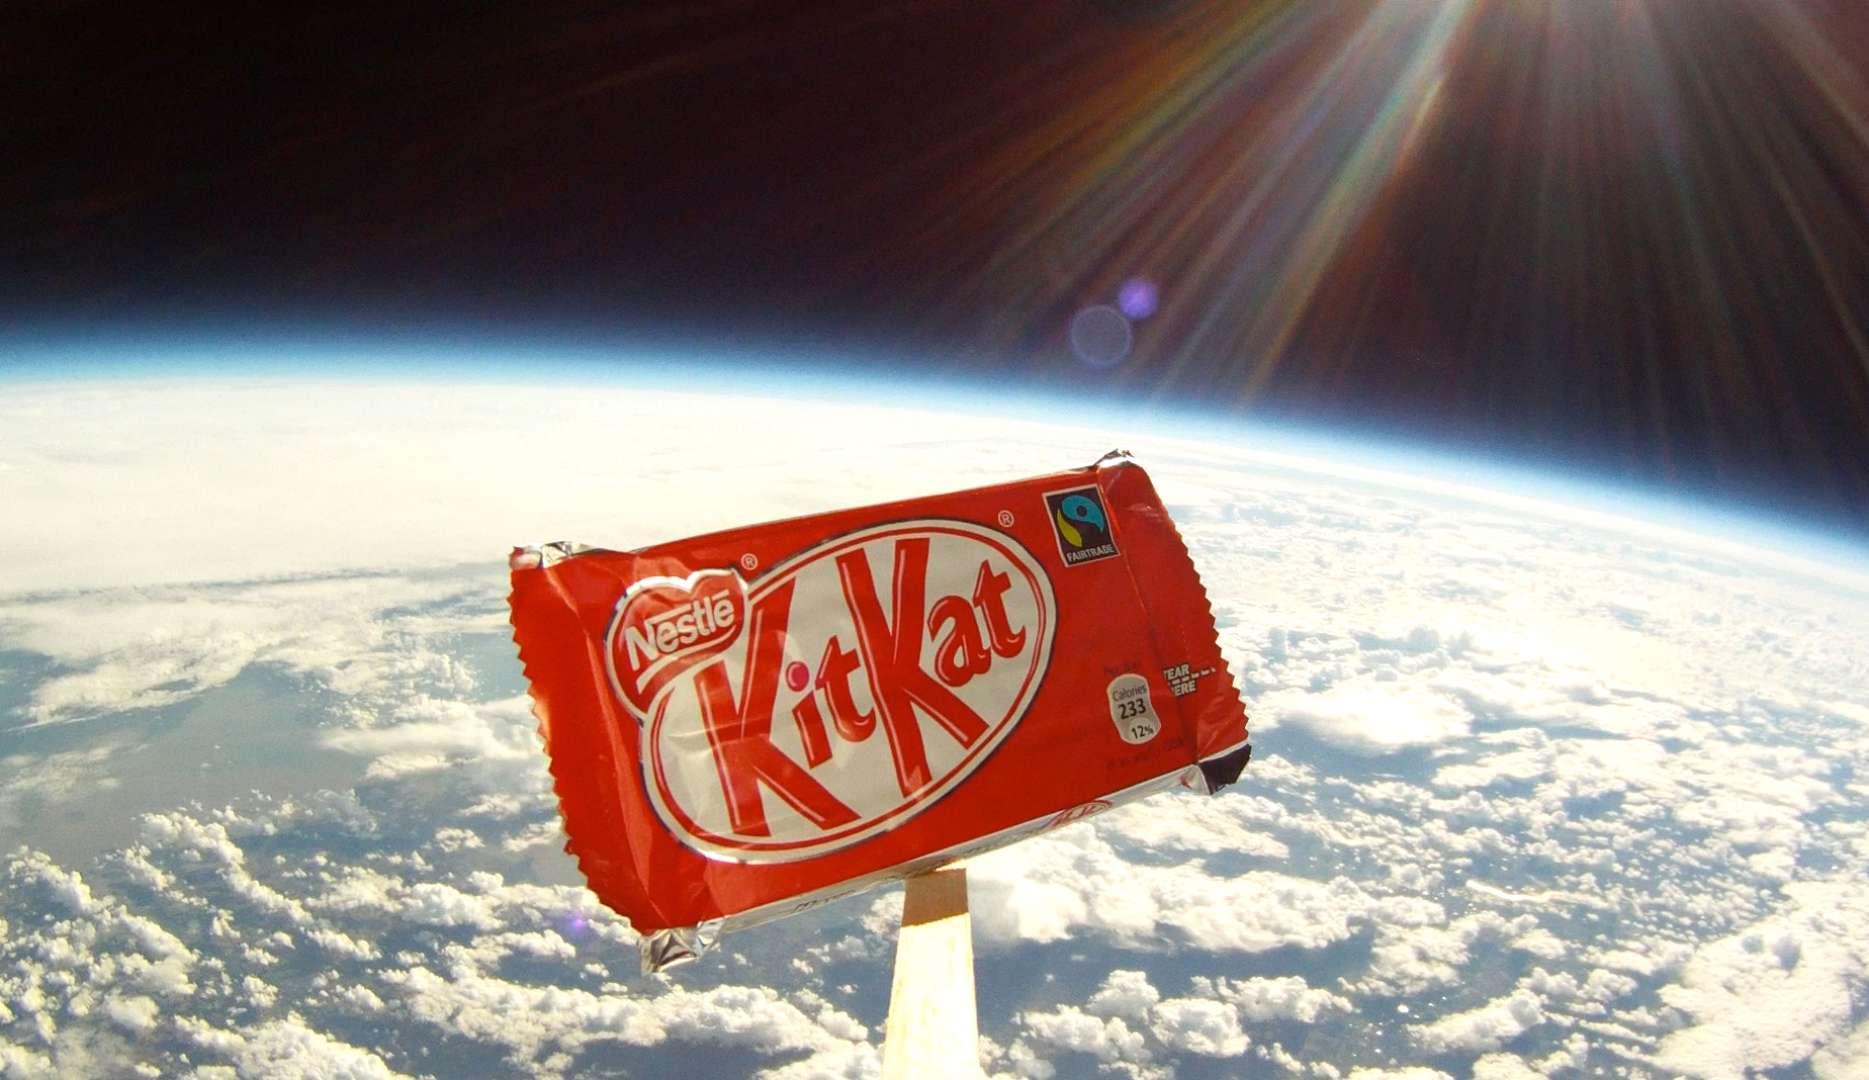 Kit Kat at Space